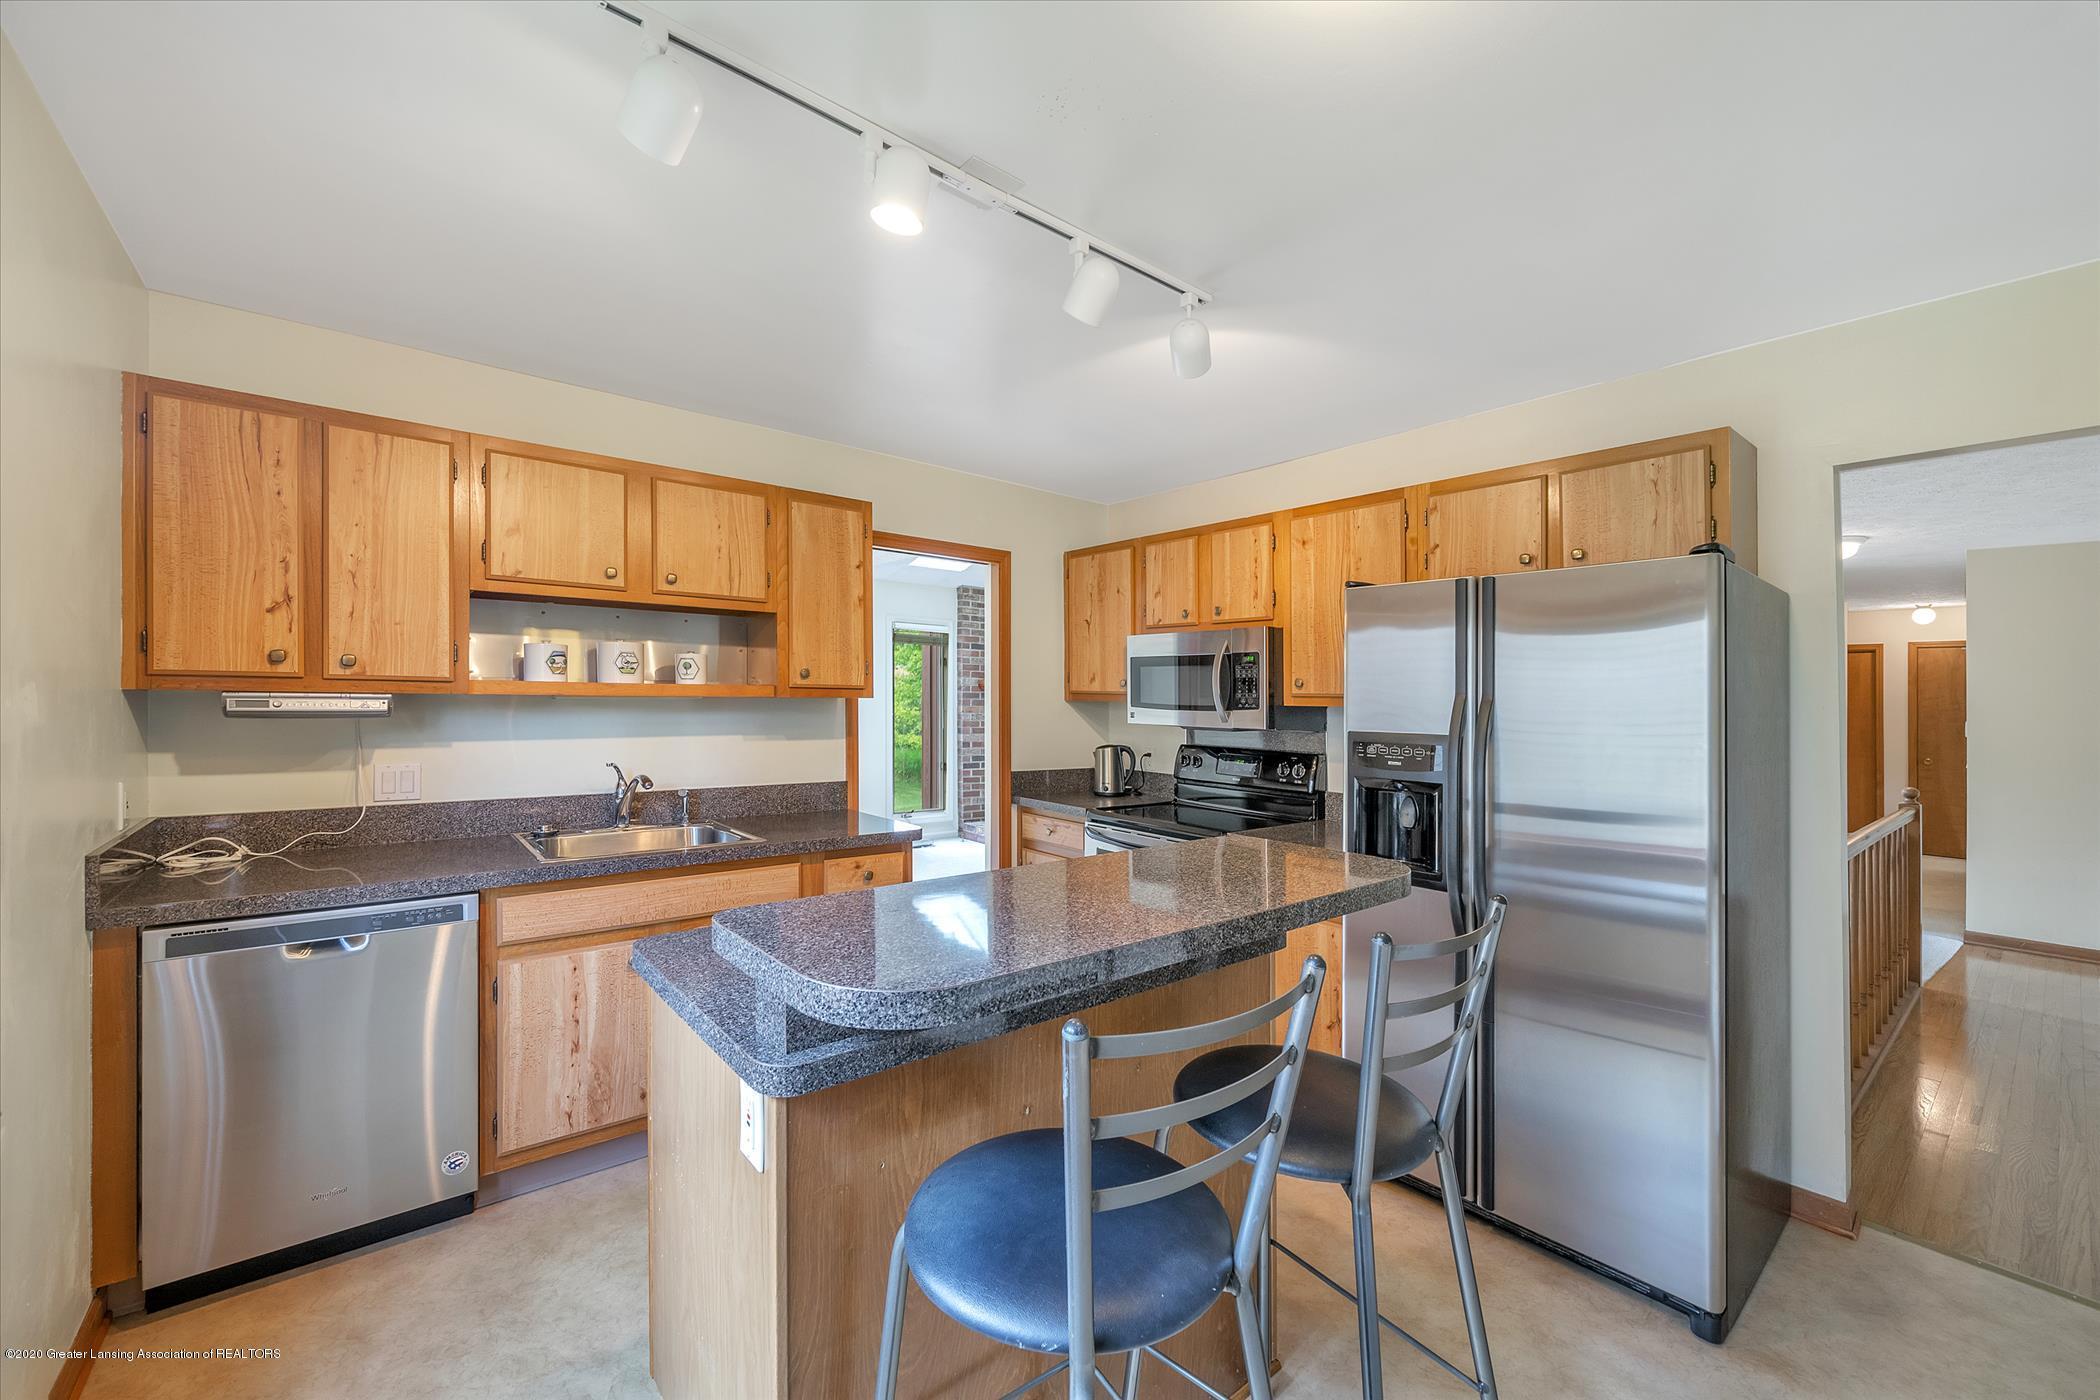 2605 Woodhill Dr - Kitchen - 7